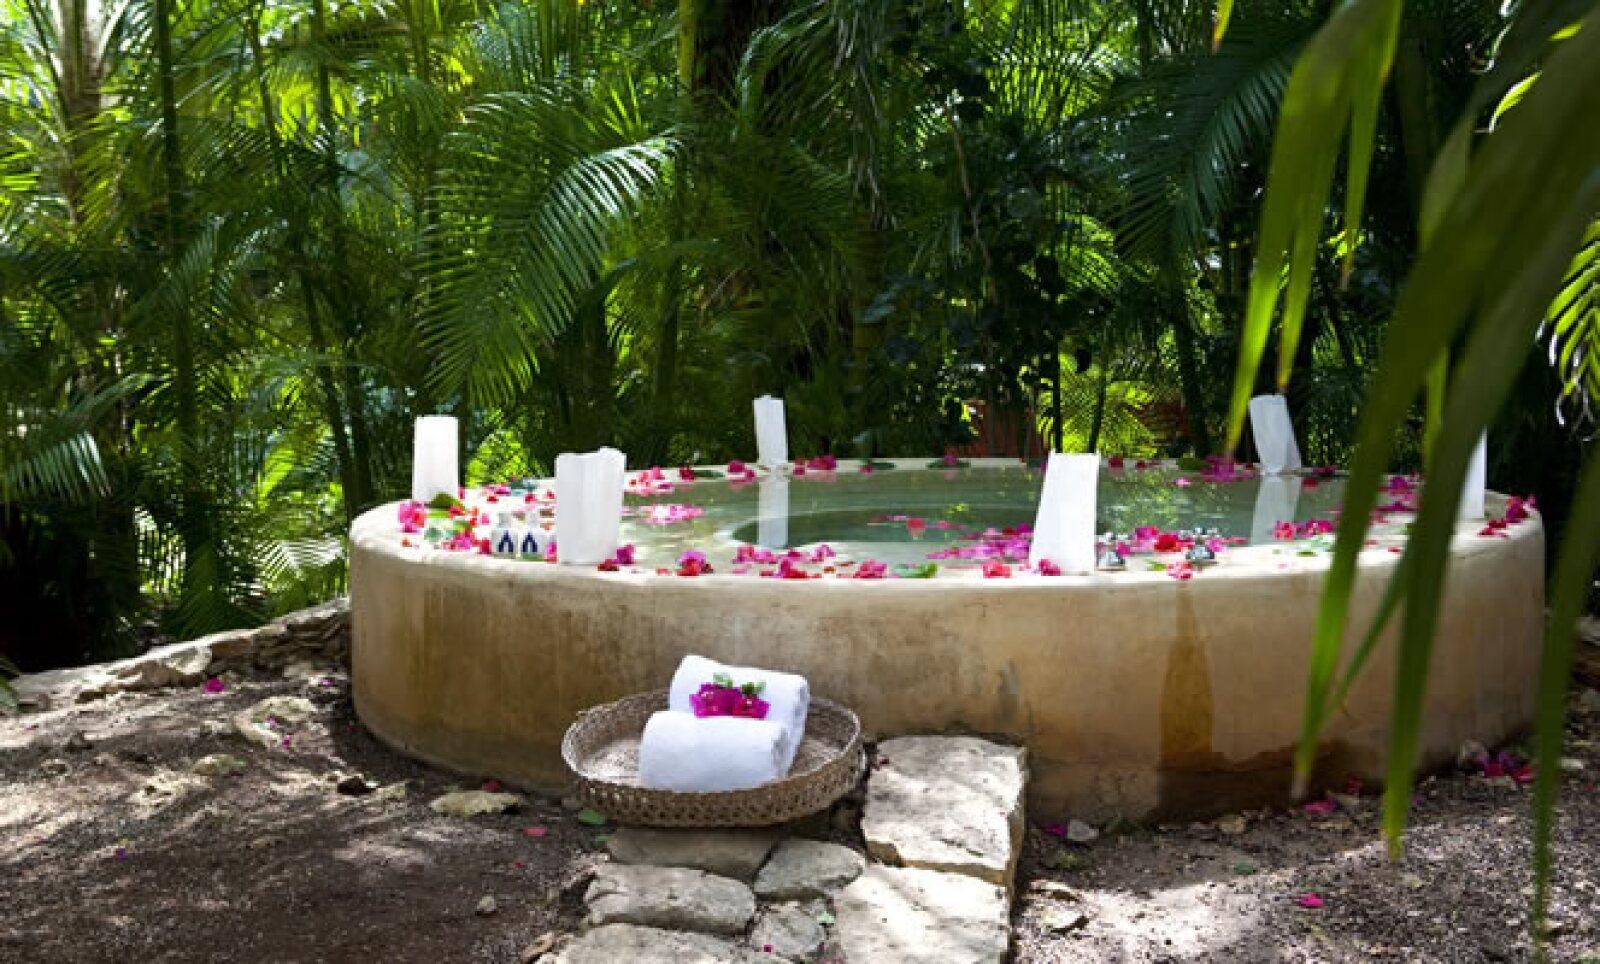 Cuenta con 15 habitaciones, suites y villas mayas rodeadas de vegetación y prácticamente todas forman parte de los edificios originales.